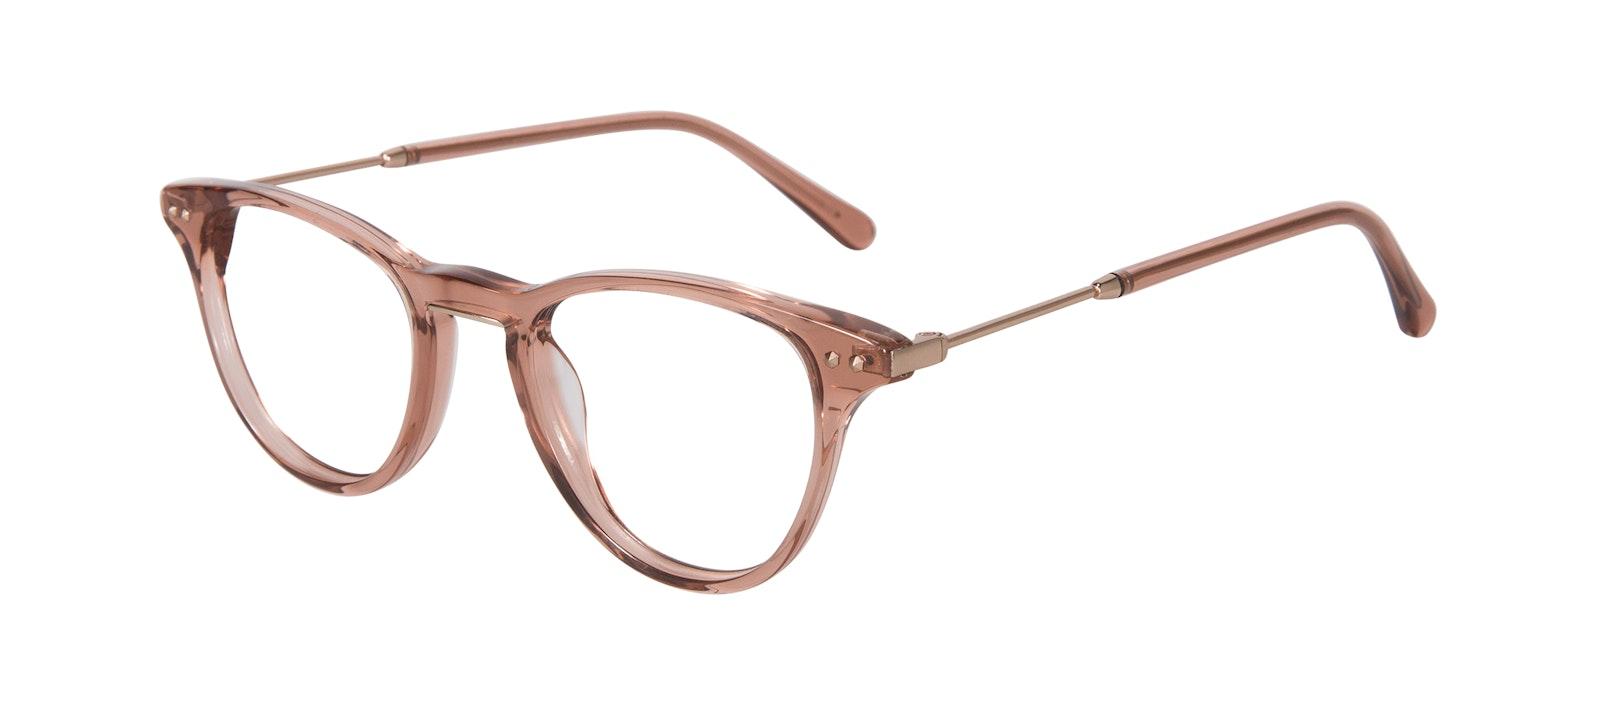 Affordable Fashion Glasses Cat Eye Eyeglasses Women Halo Rose Tilt